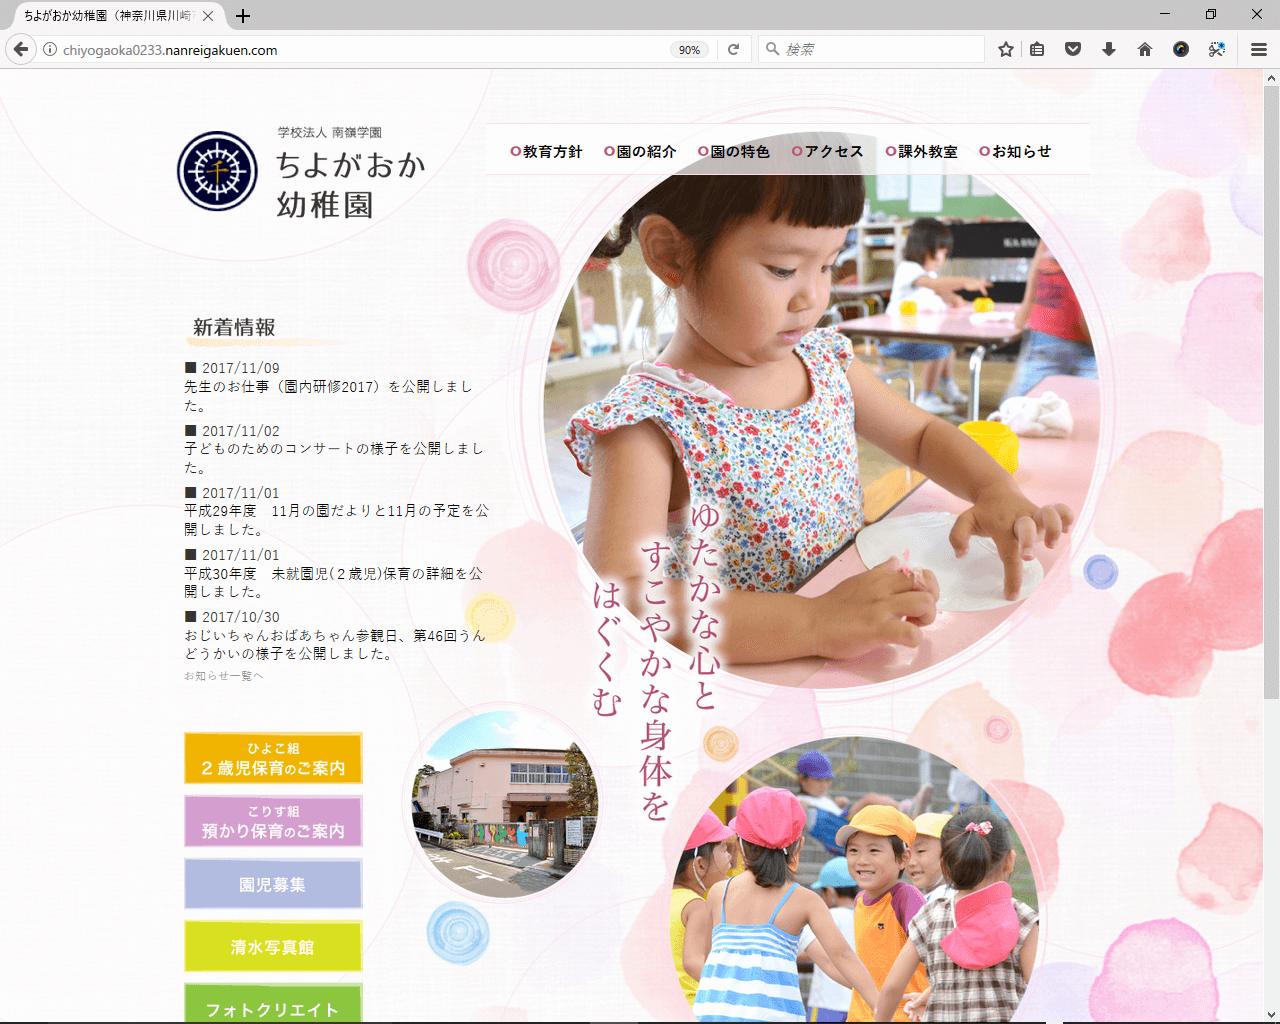 ちよがおか幼稚園